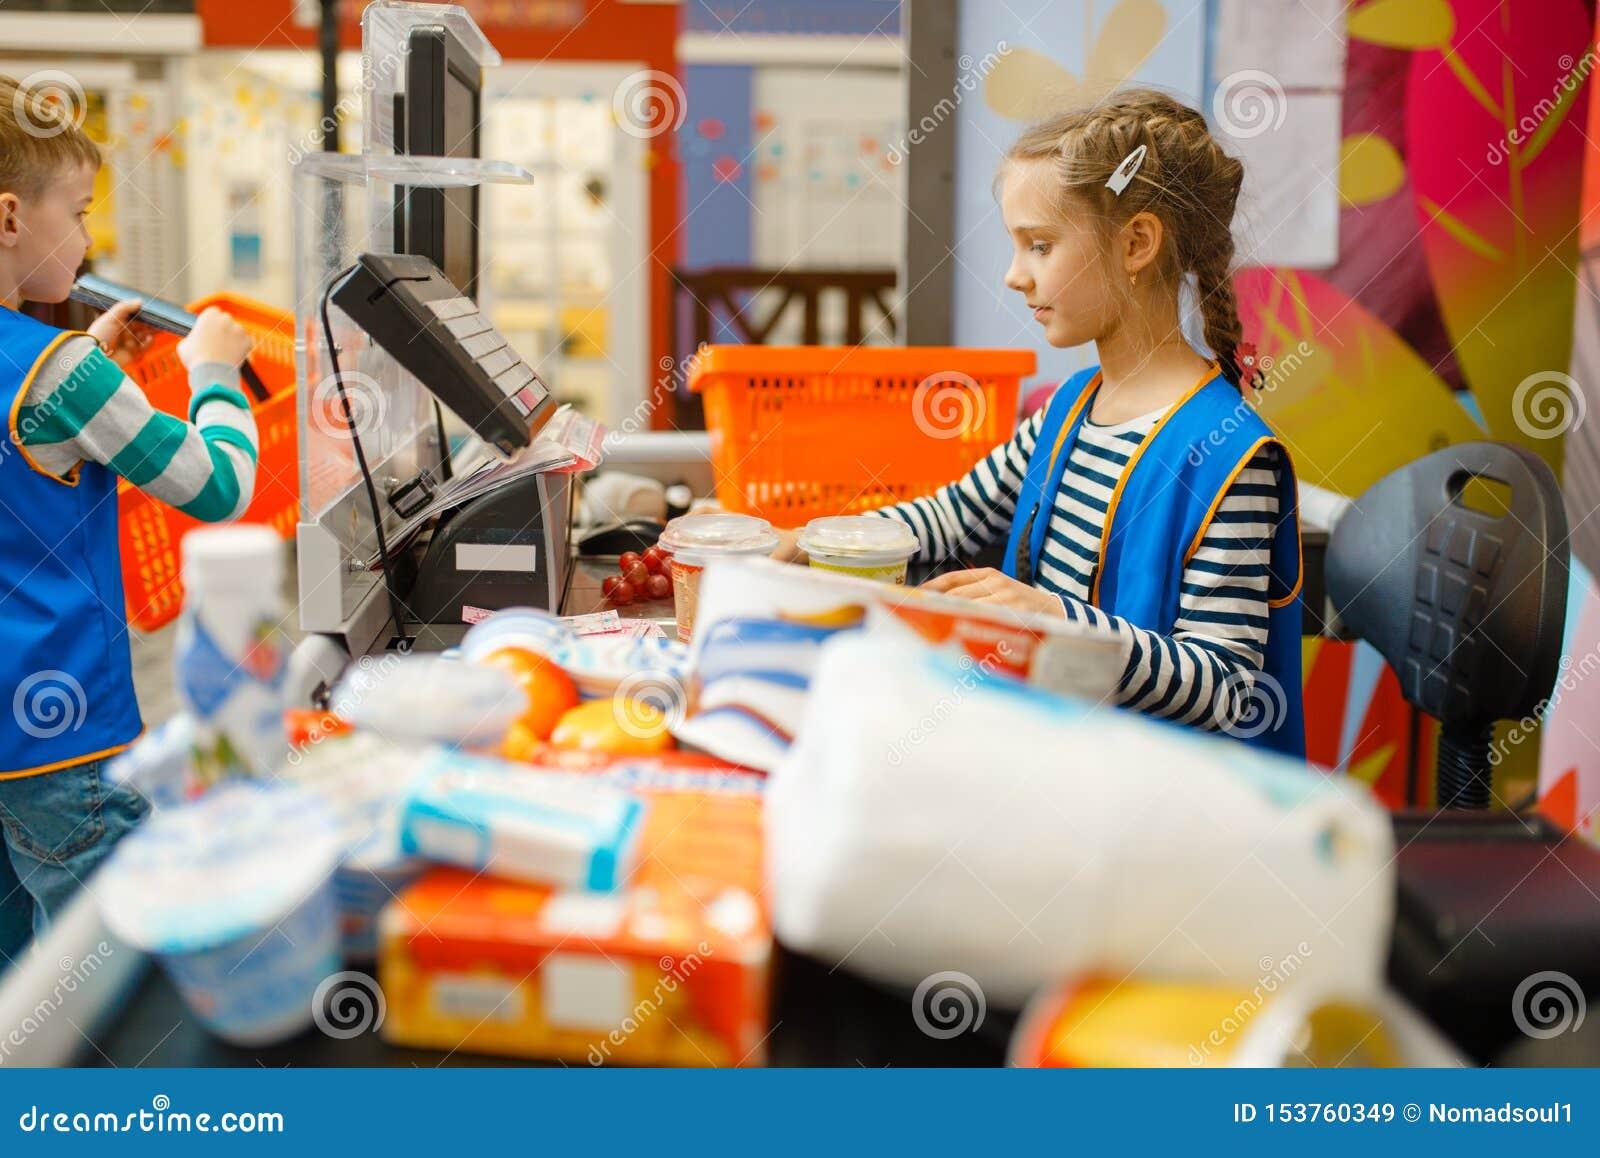 Κορίτσι σε ομοιόμορφο στον κατάλογο μετρητών, χώρος για παιχνίδη